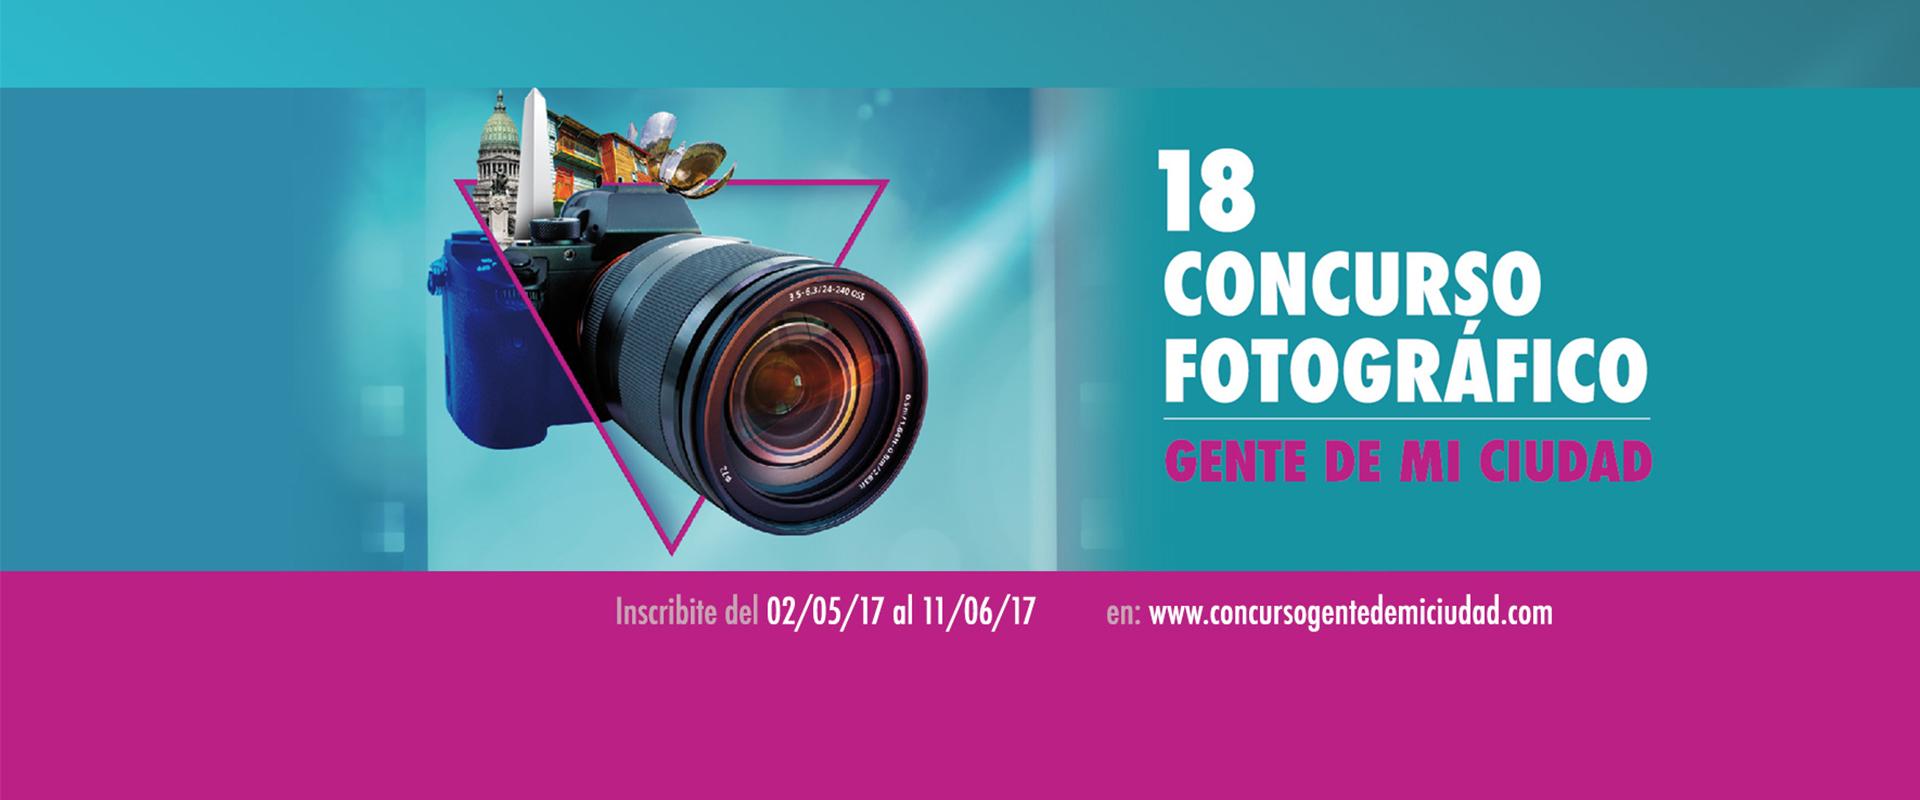 """Concurso Fotográfico """"Gente de mi ciudad"""""""